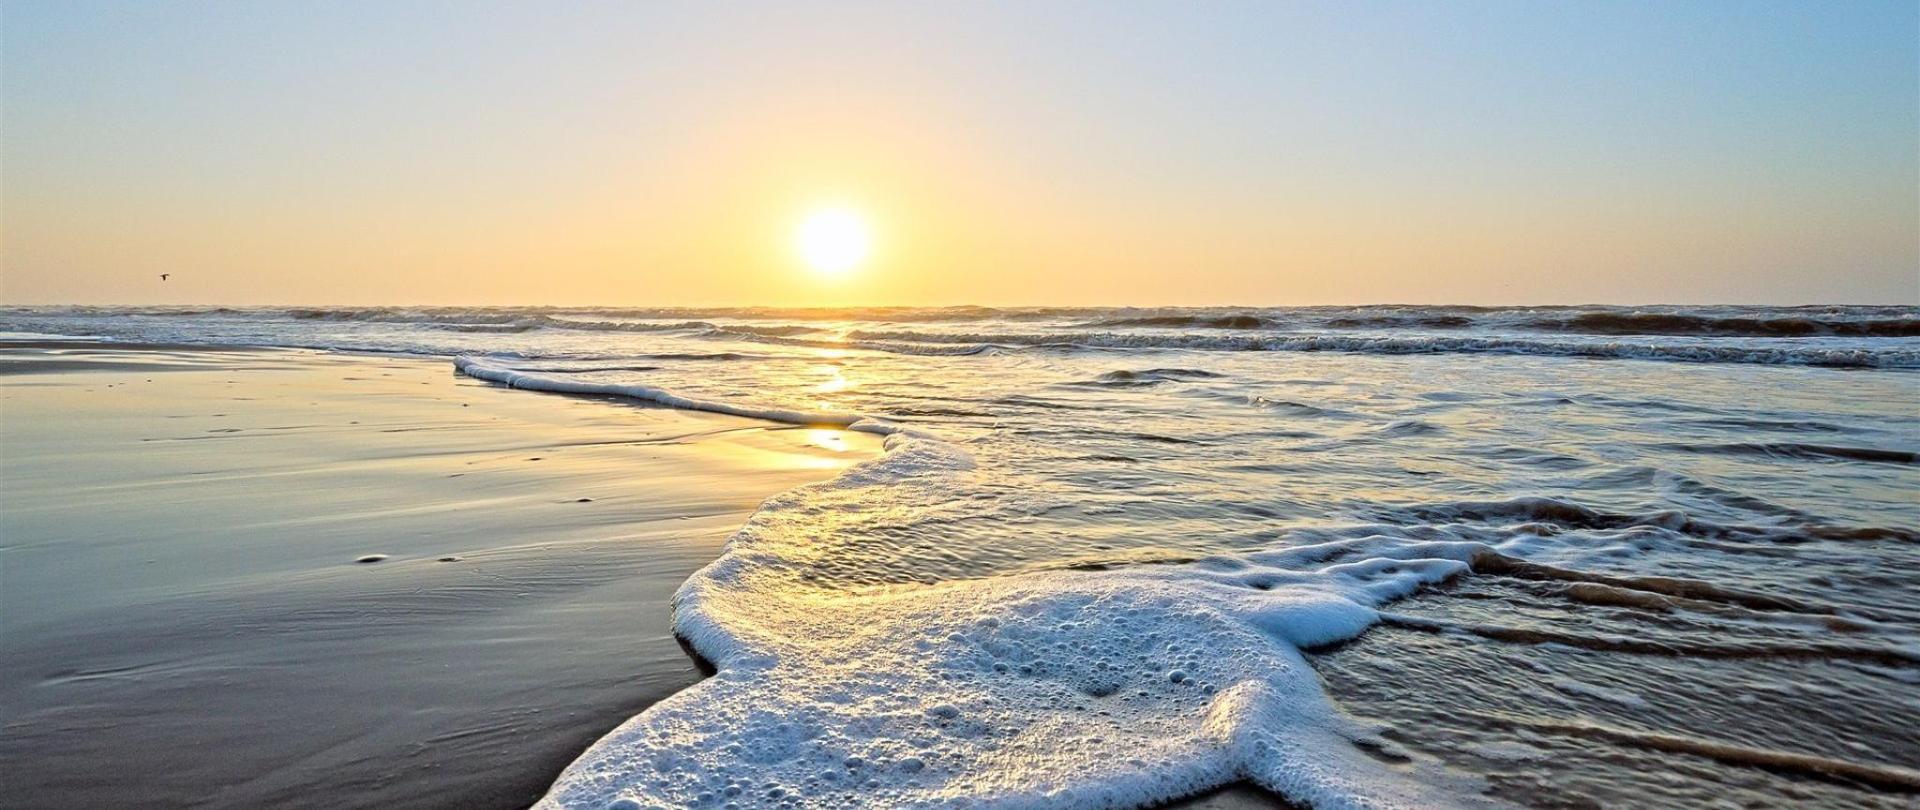 beach-vadim-troshkin1_001.jpg